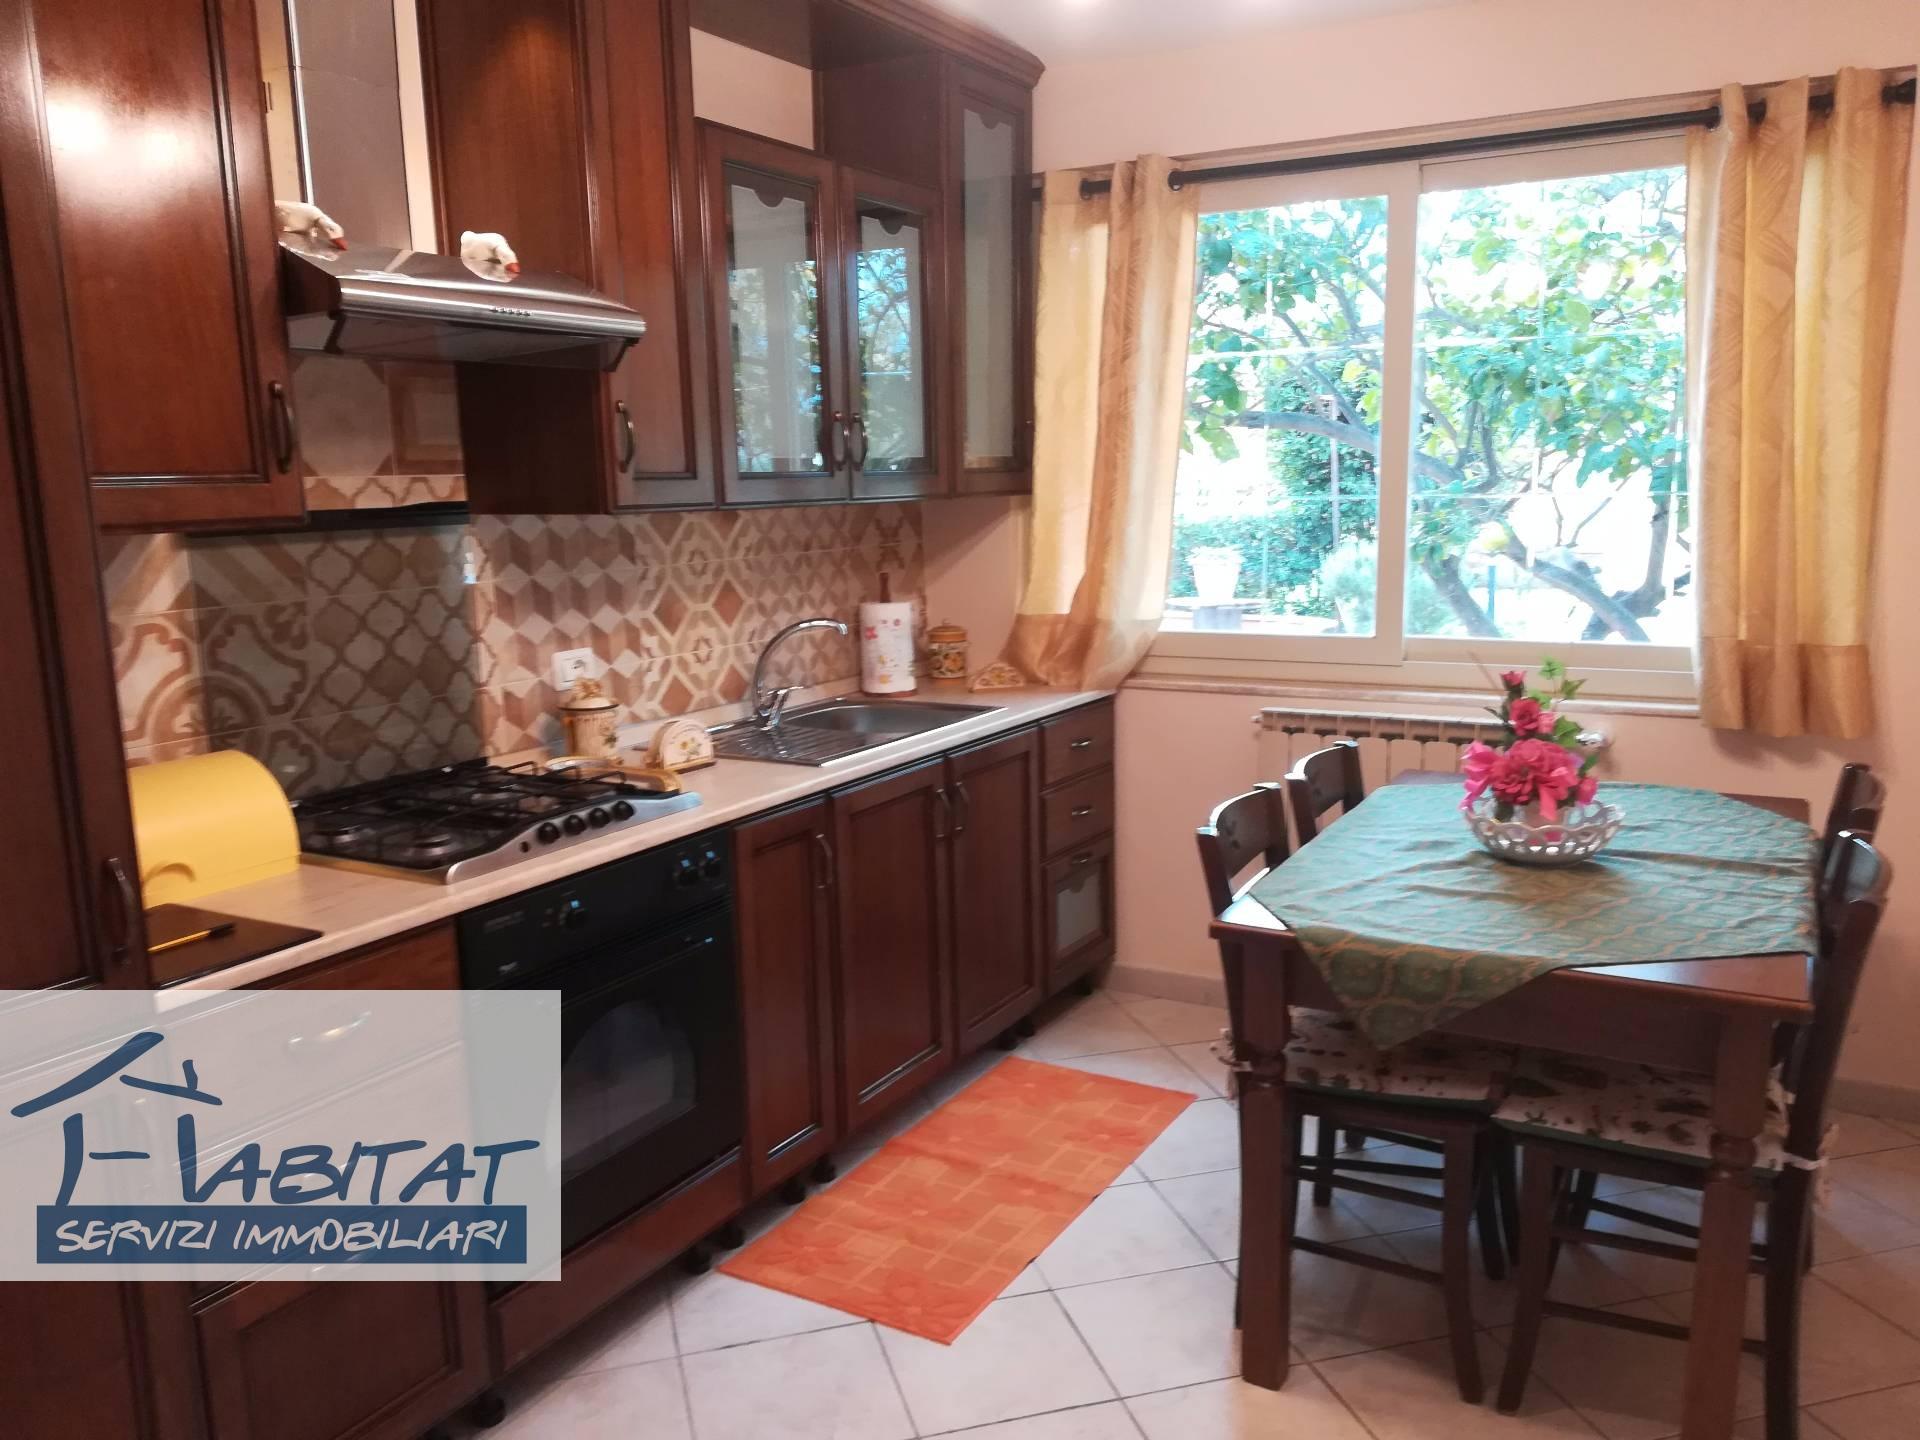 Appartamento in affitto a Agrigento, 2 locali, zona Località: VillaggioMosè, prezzo € 450 | CambioCasa.it